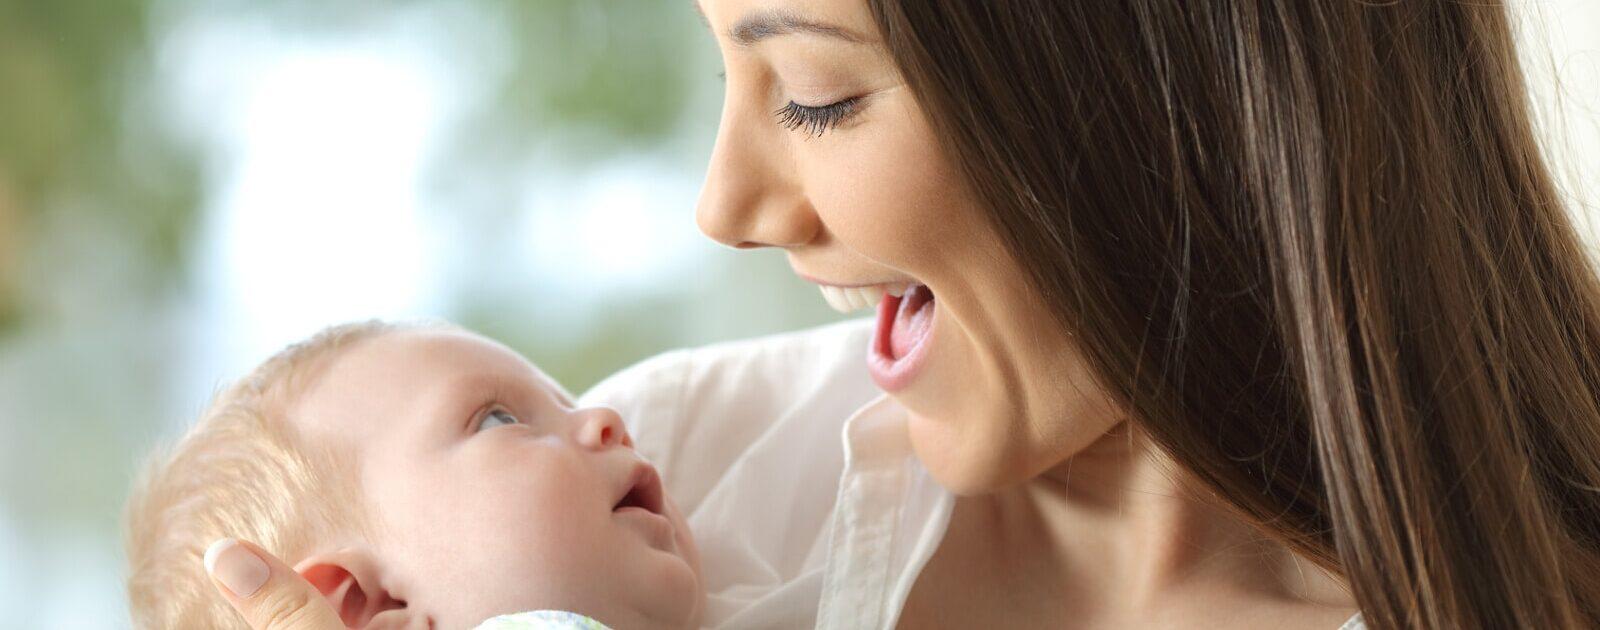 Vor der Sprache steht das Zuhören: Eine Mutter redet mit ihrem Baby.